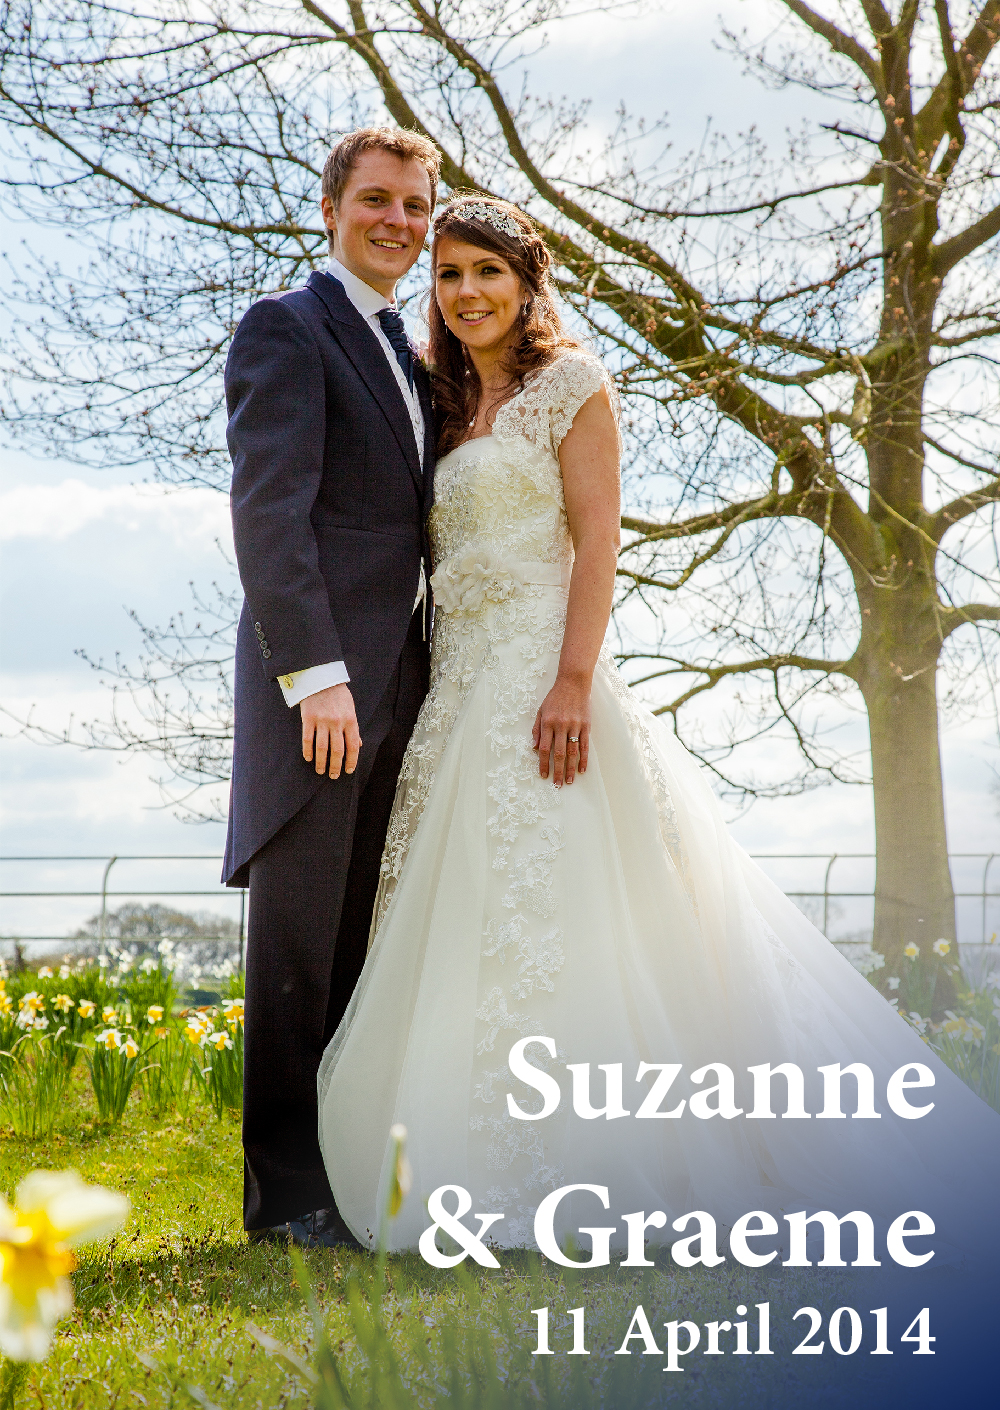 Suzanne & Graeme